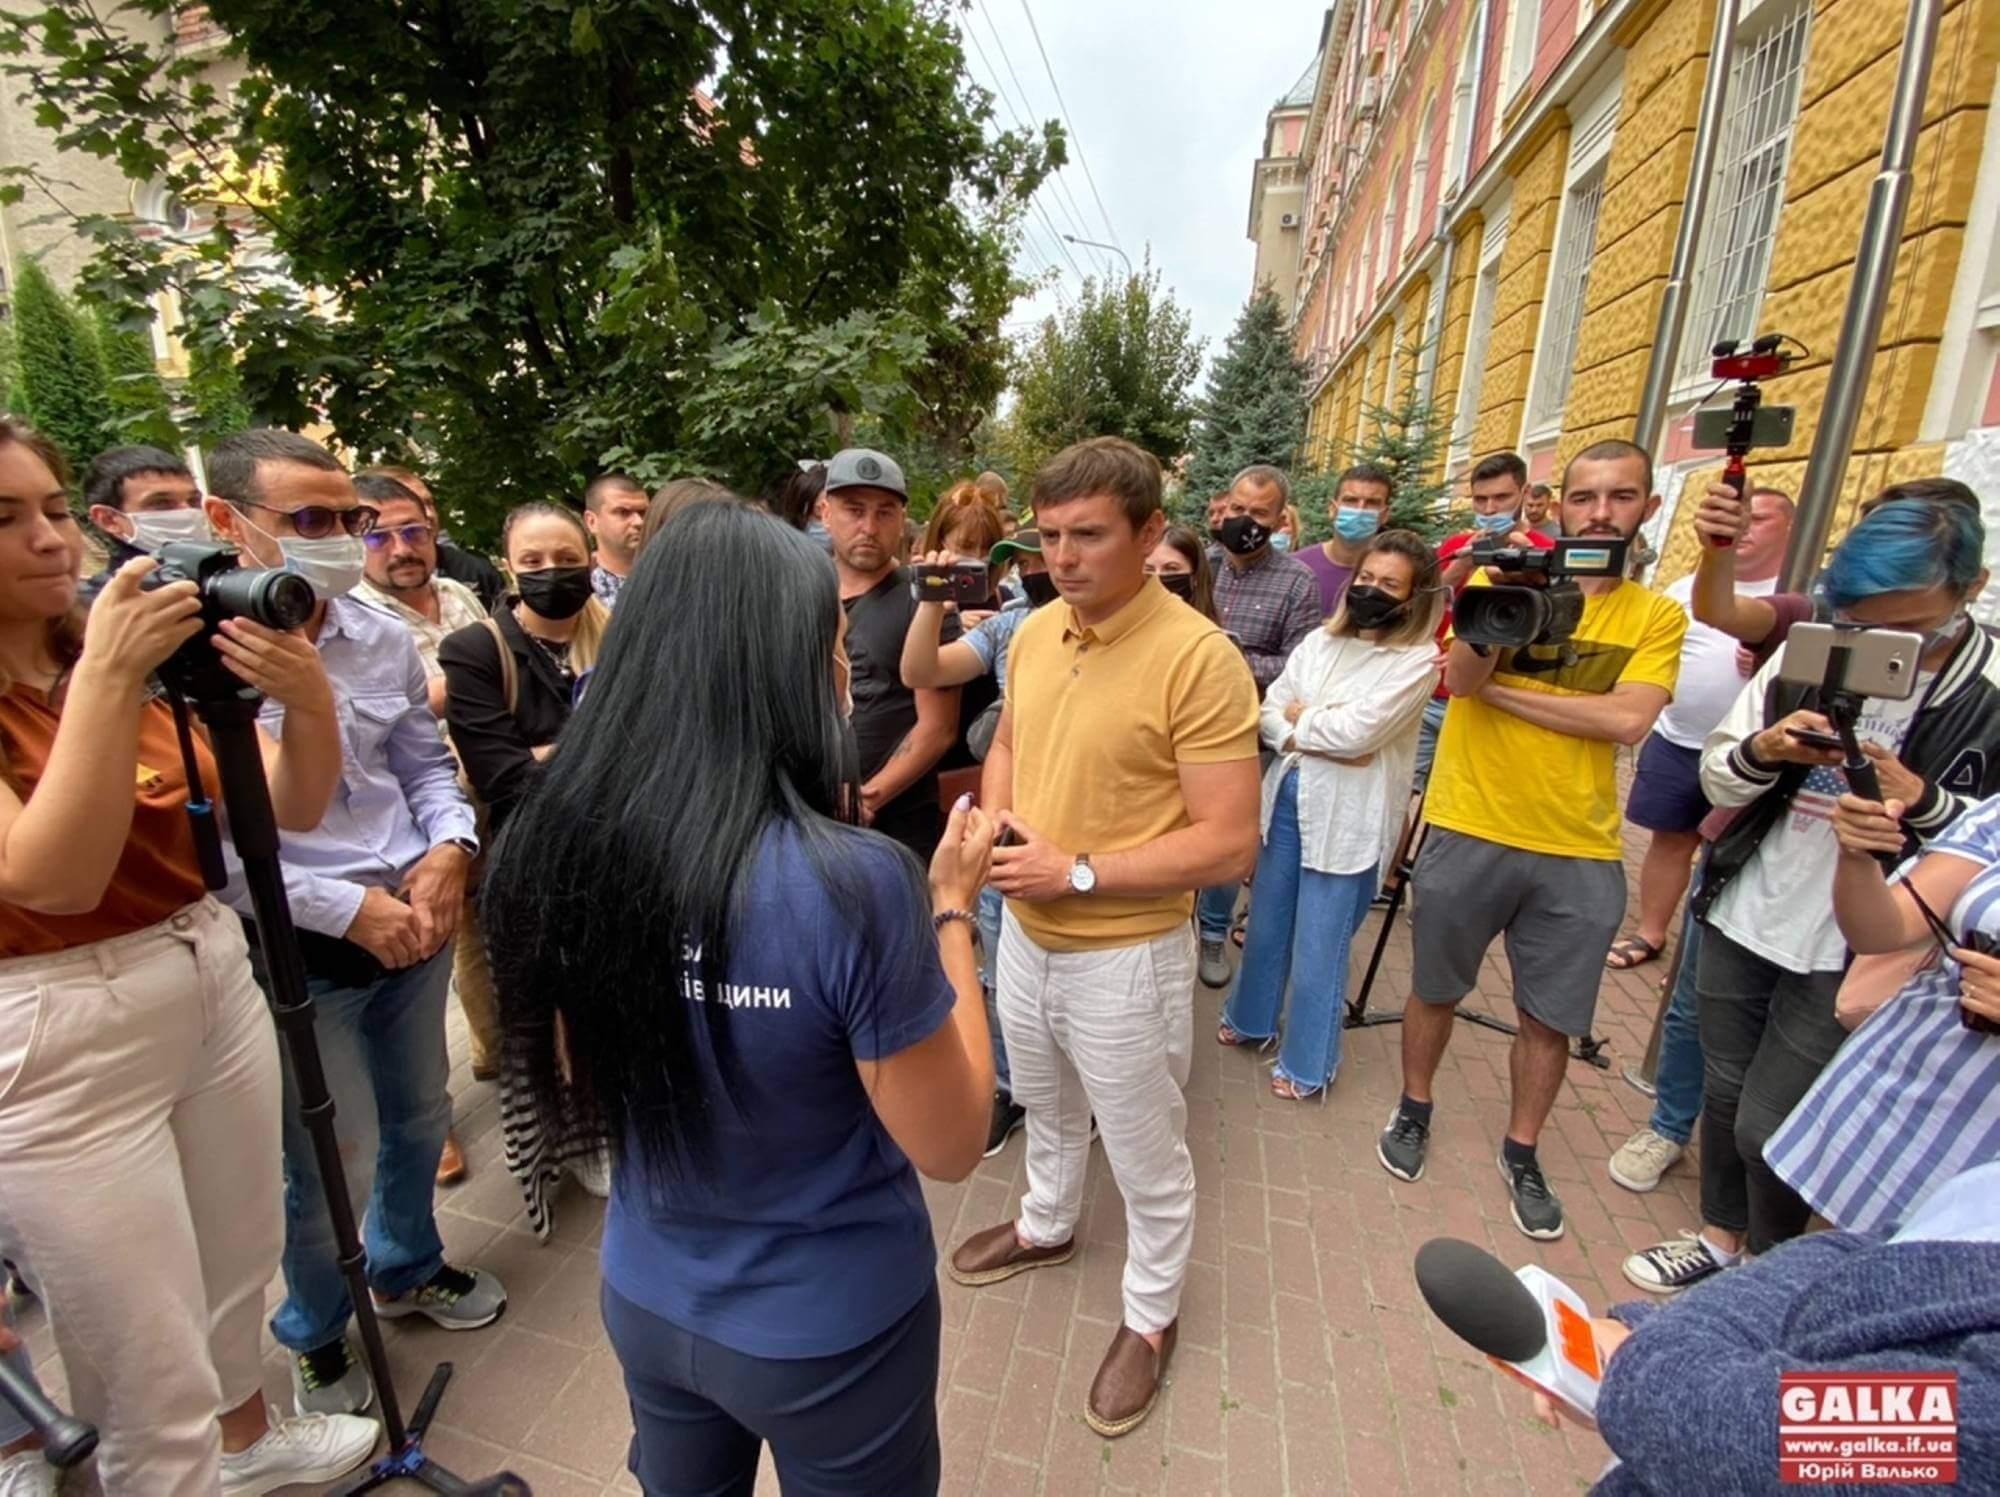 У Франківську поліціянти попереджали підприємців про закриття закладів: останні вийшли на протест (ФОТО, ВІДЕО)